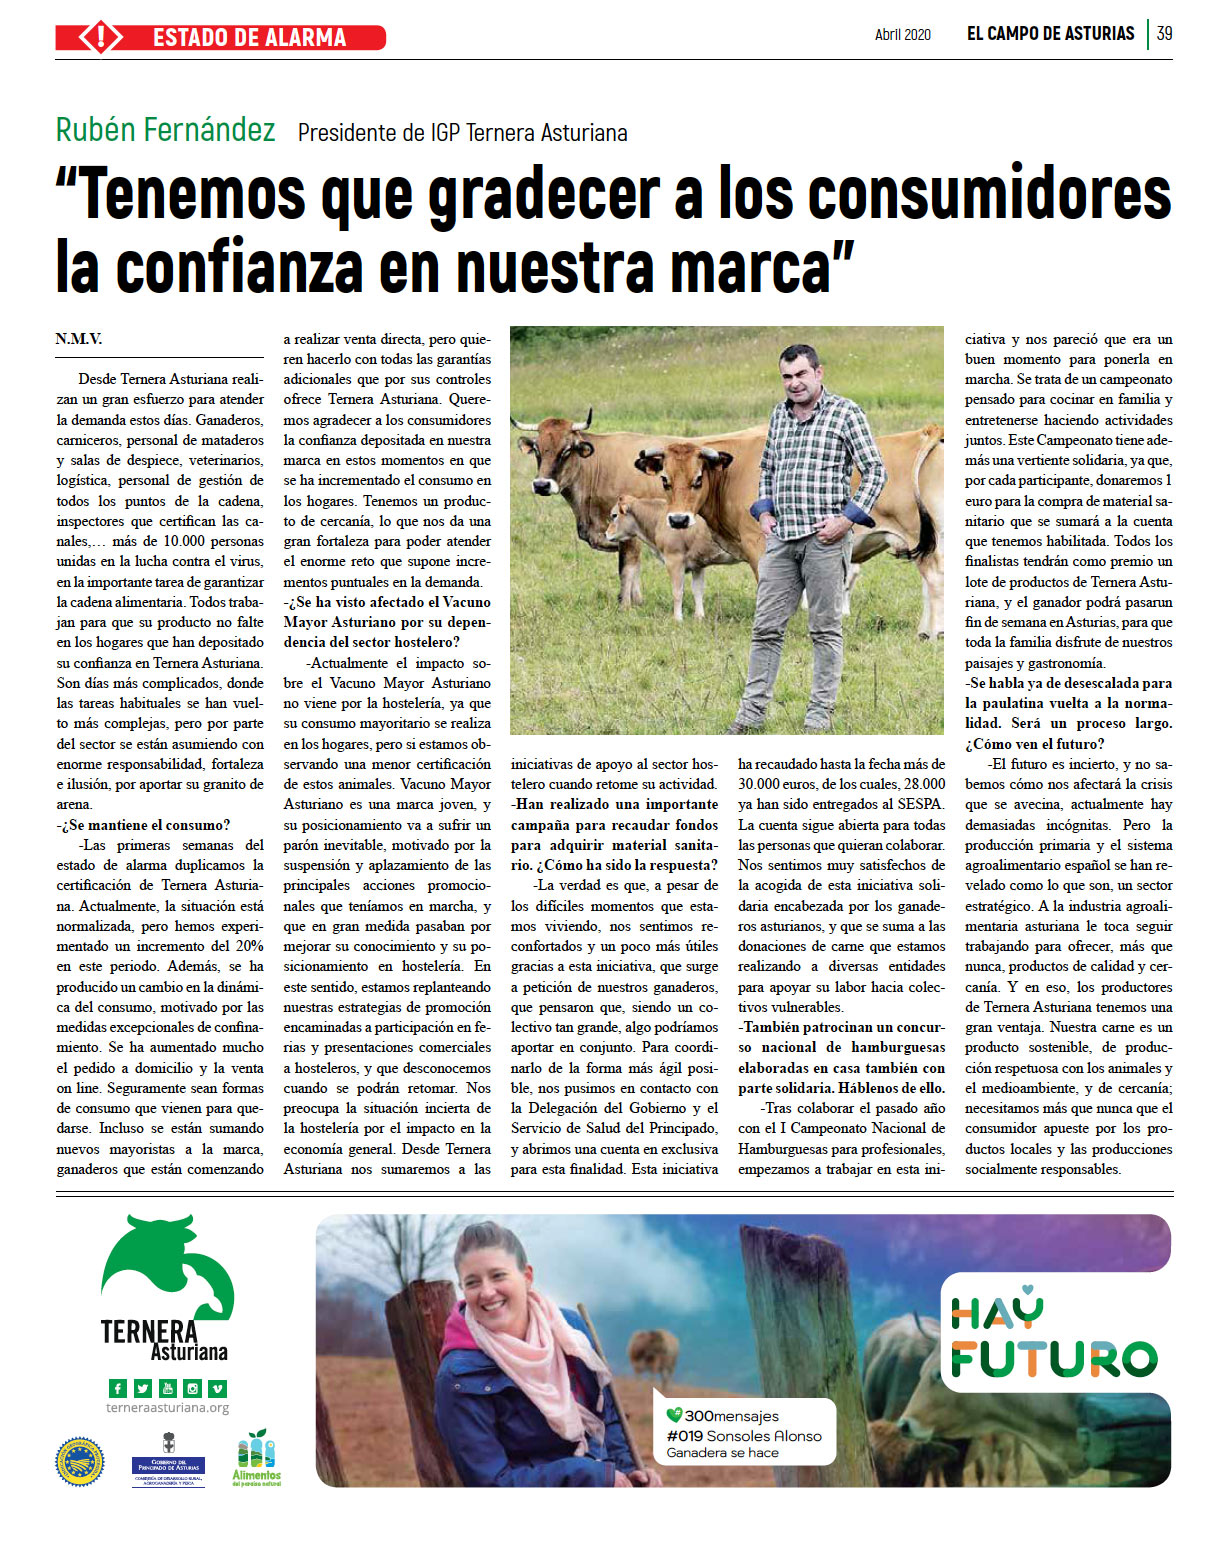 ¿Cómo está afectando la situación de estado de alarma para hacer frente al coronavirus a IGP Ternera Asturiana?